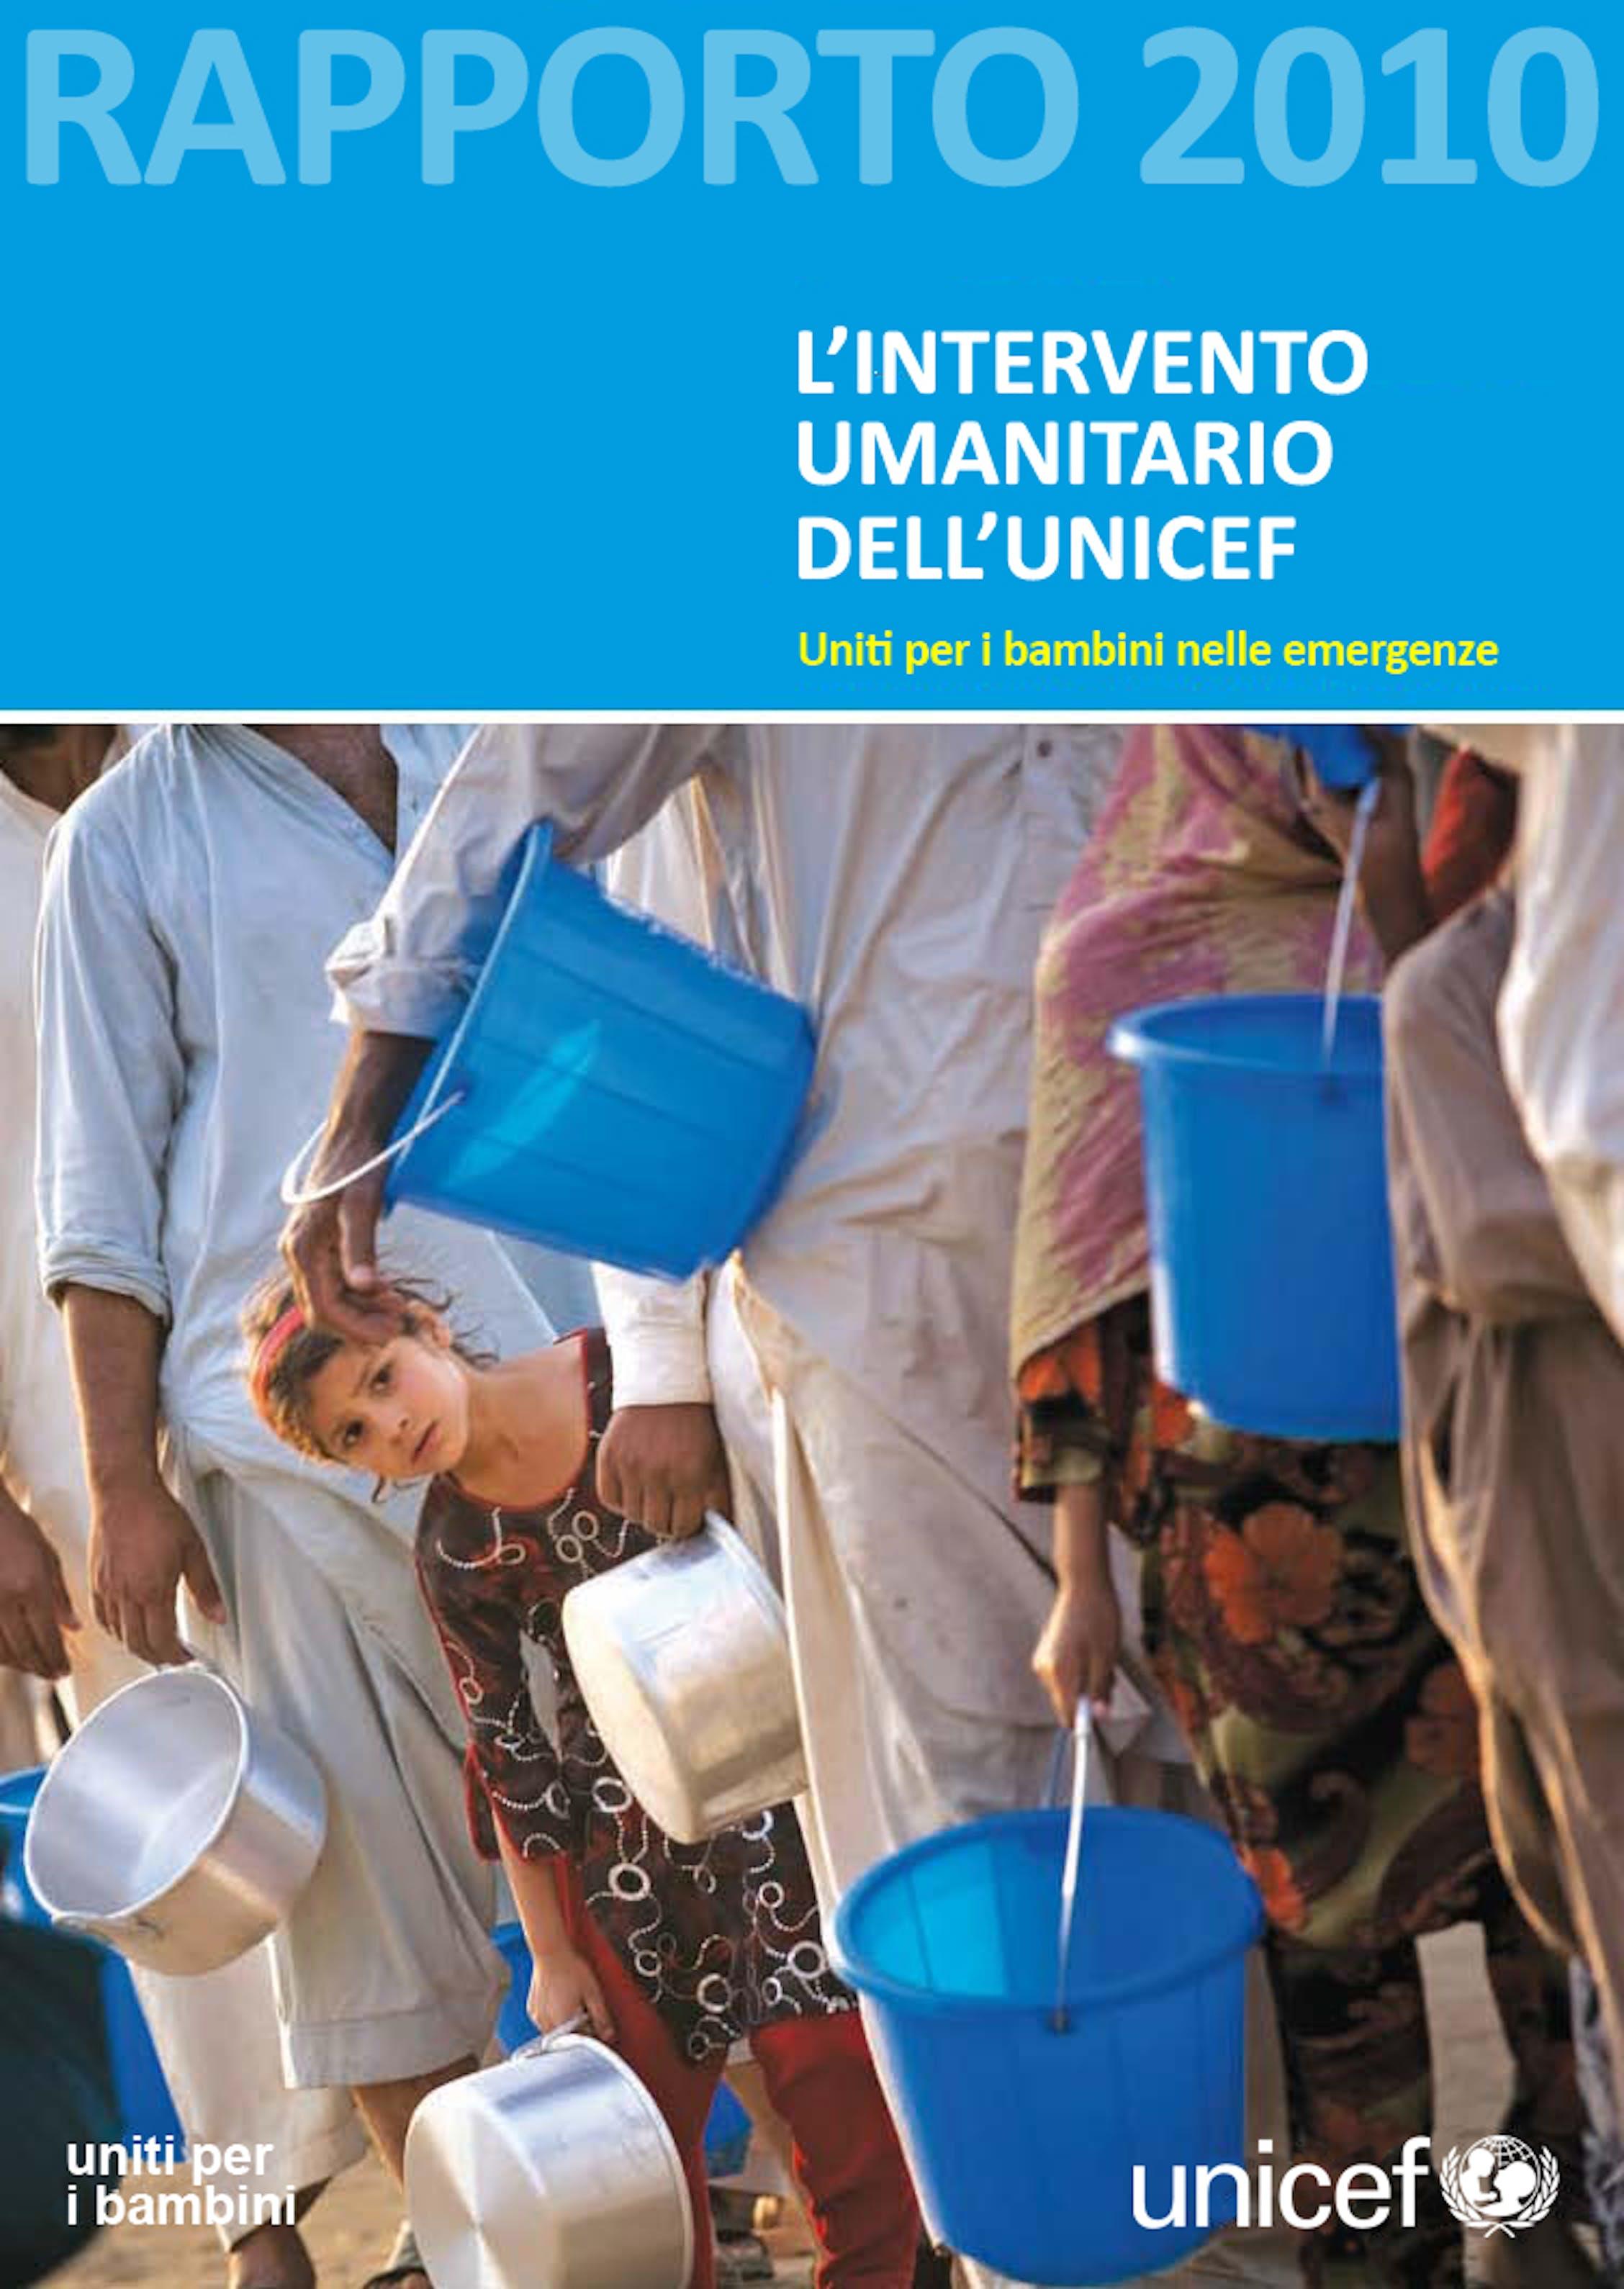 Rapporto sull'intervento umanitario 2010 dell'UNICEF